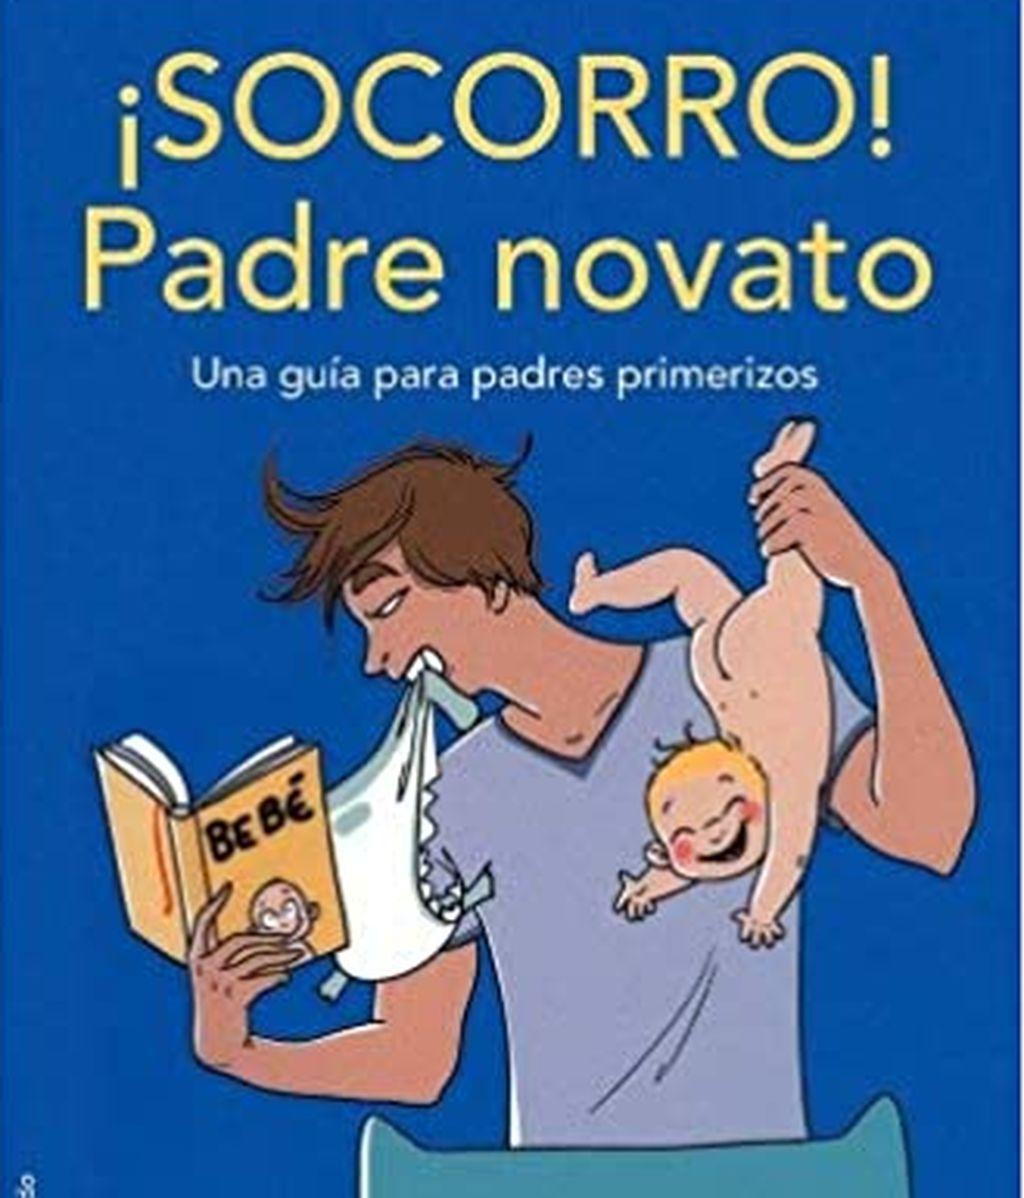 3-¡Socorro! Padre novato Una guía para padres primerizos